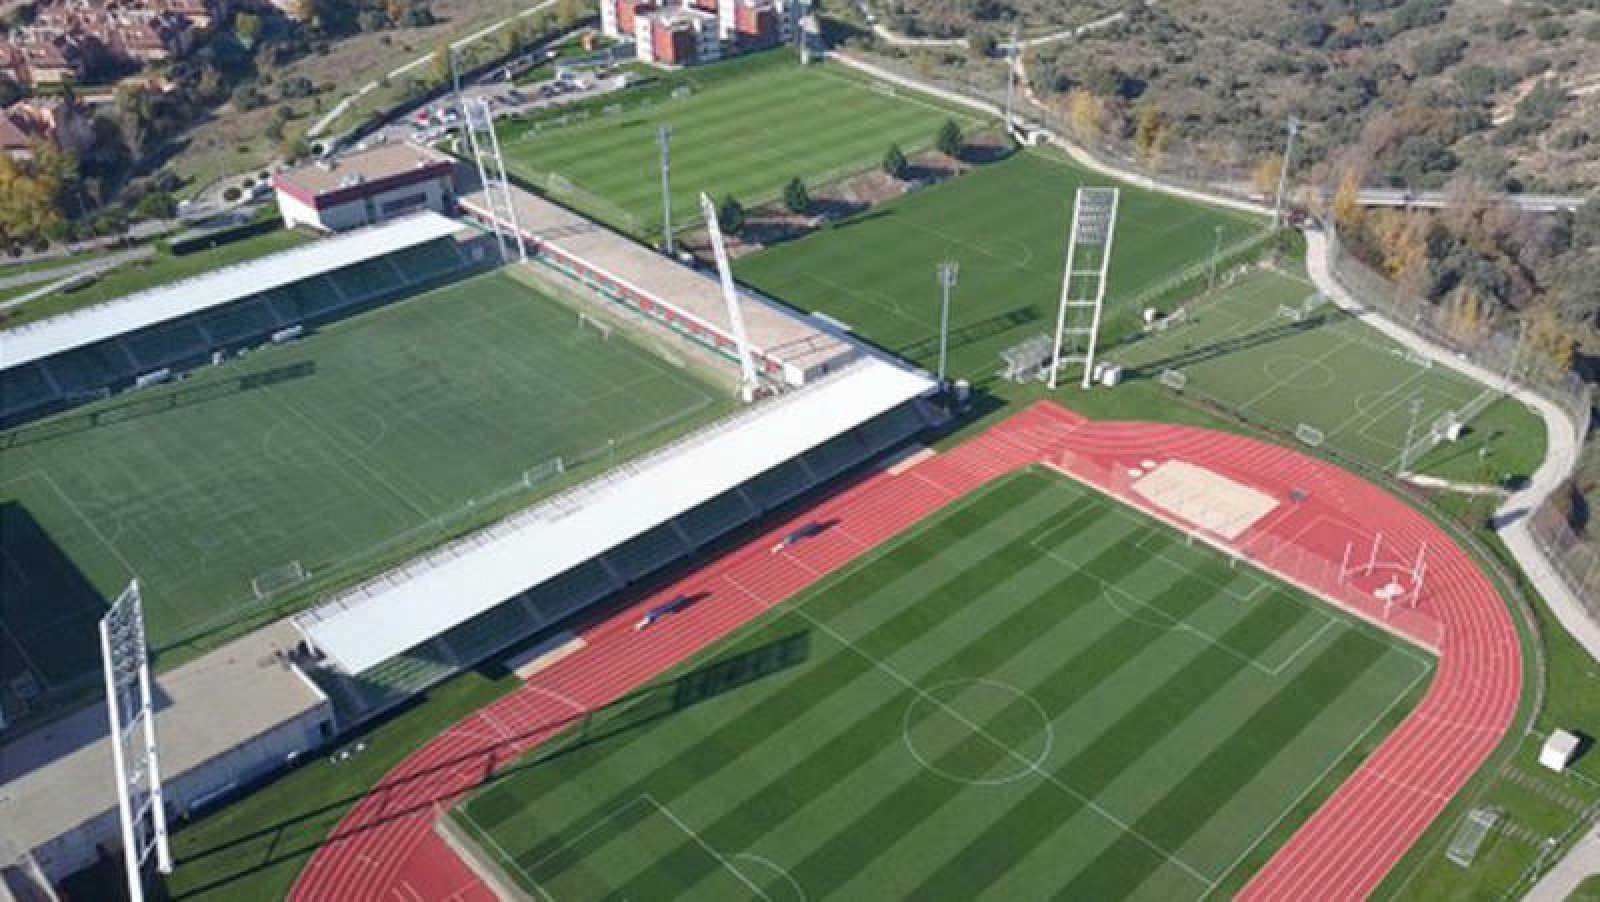 La Selección se concentrará en Las Rozas durante la Eurocopa